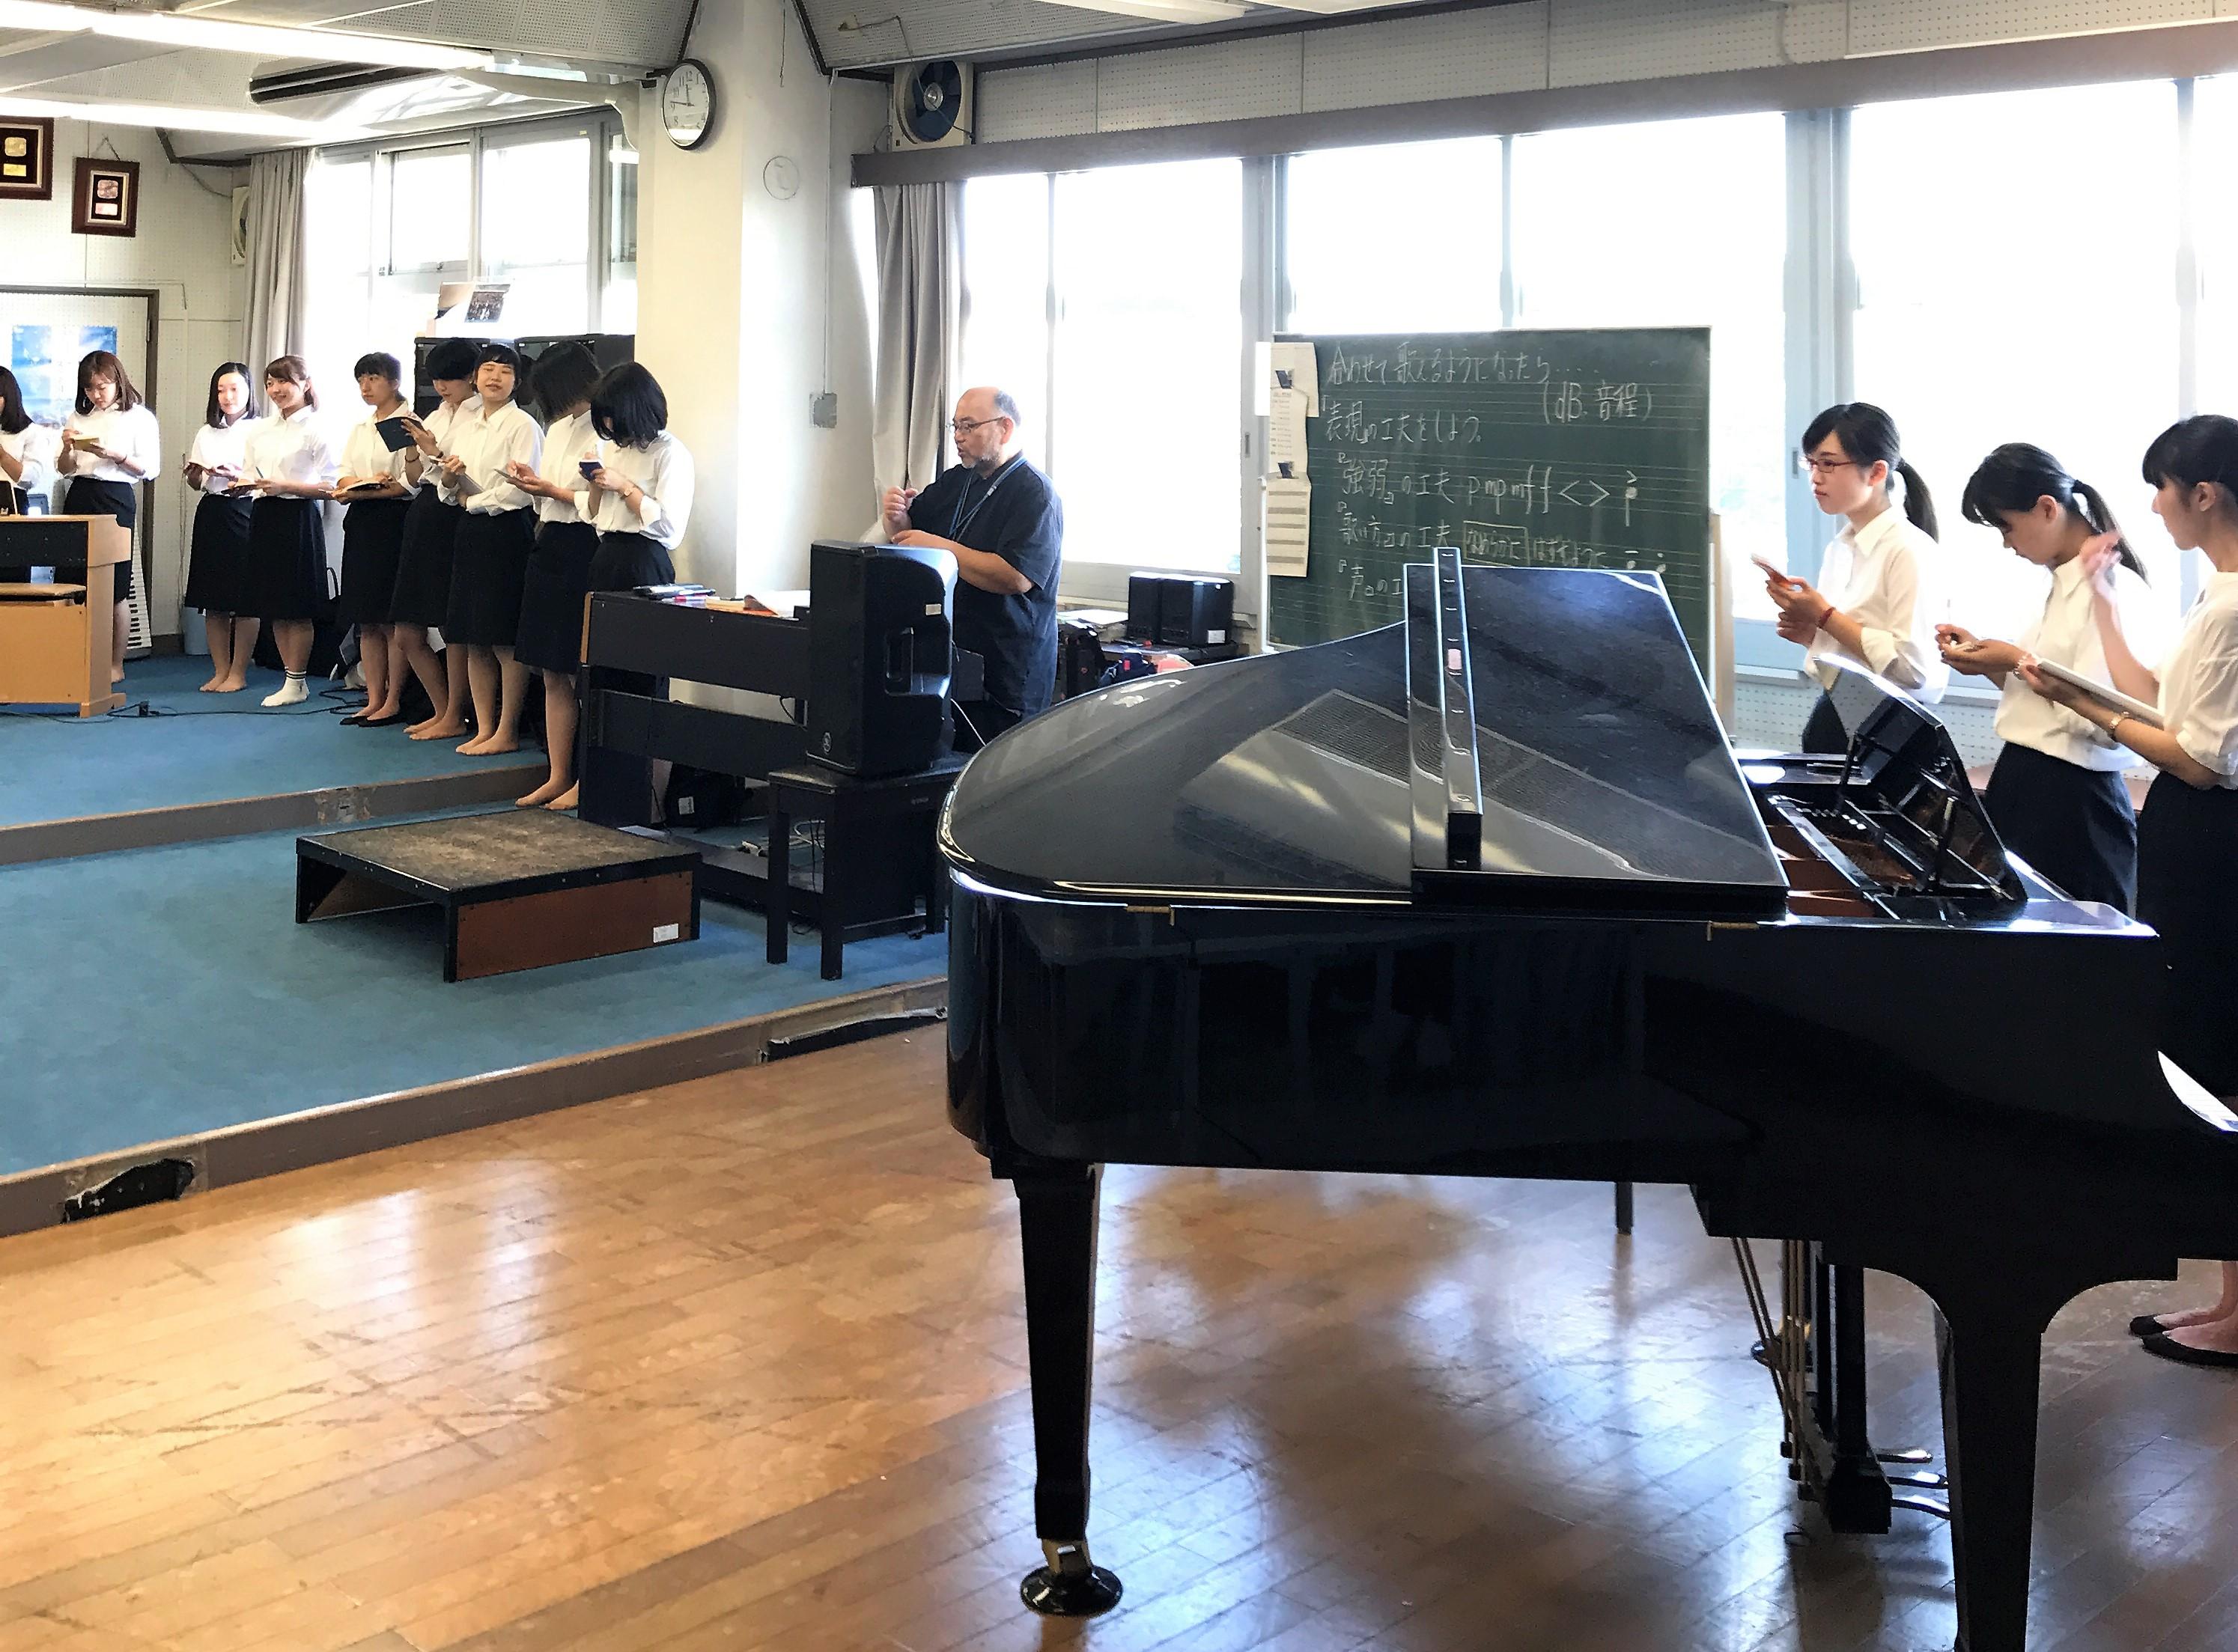 中学校音楽授業を観察し、教育現場を知る